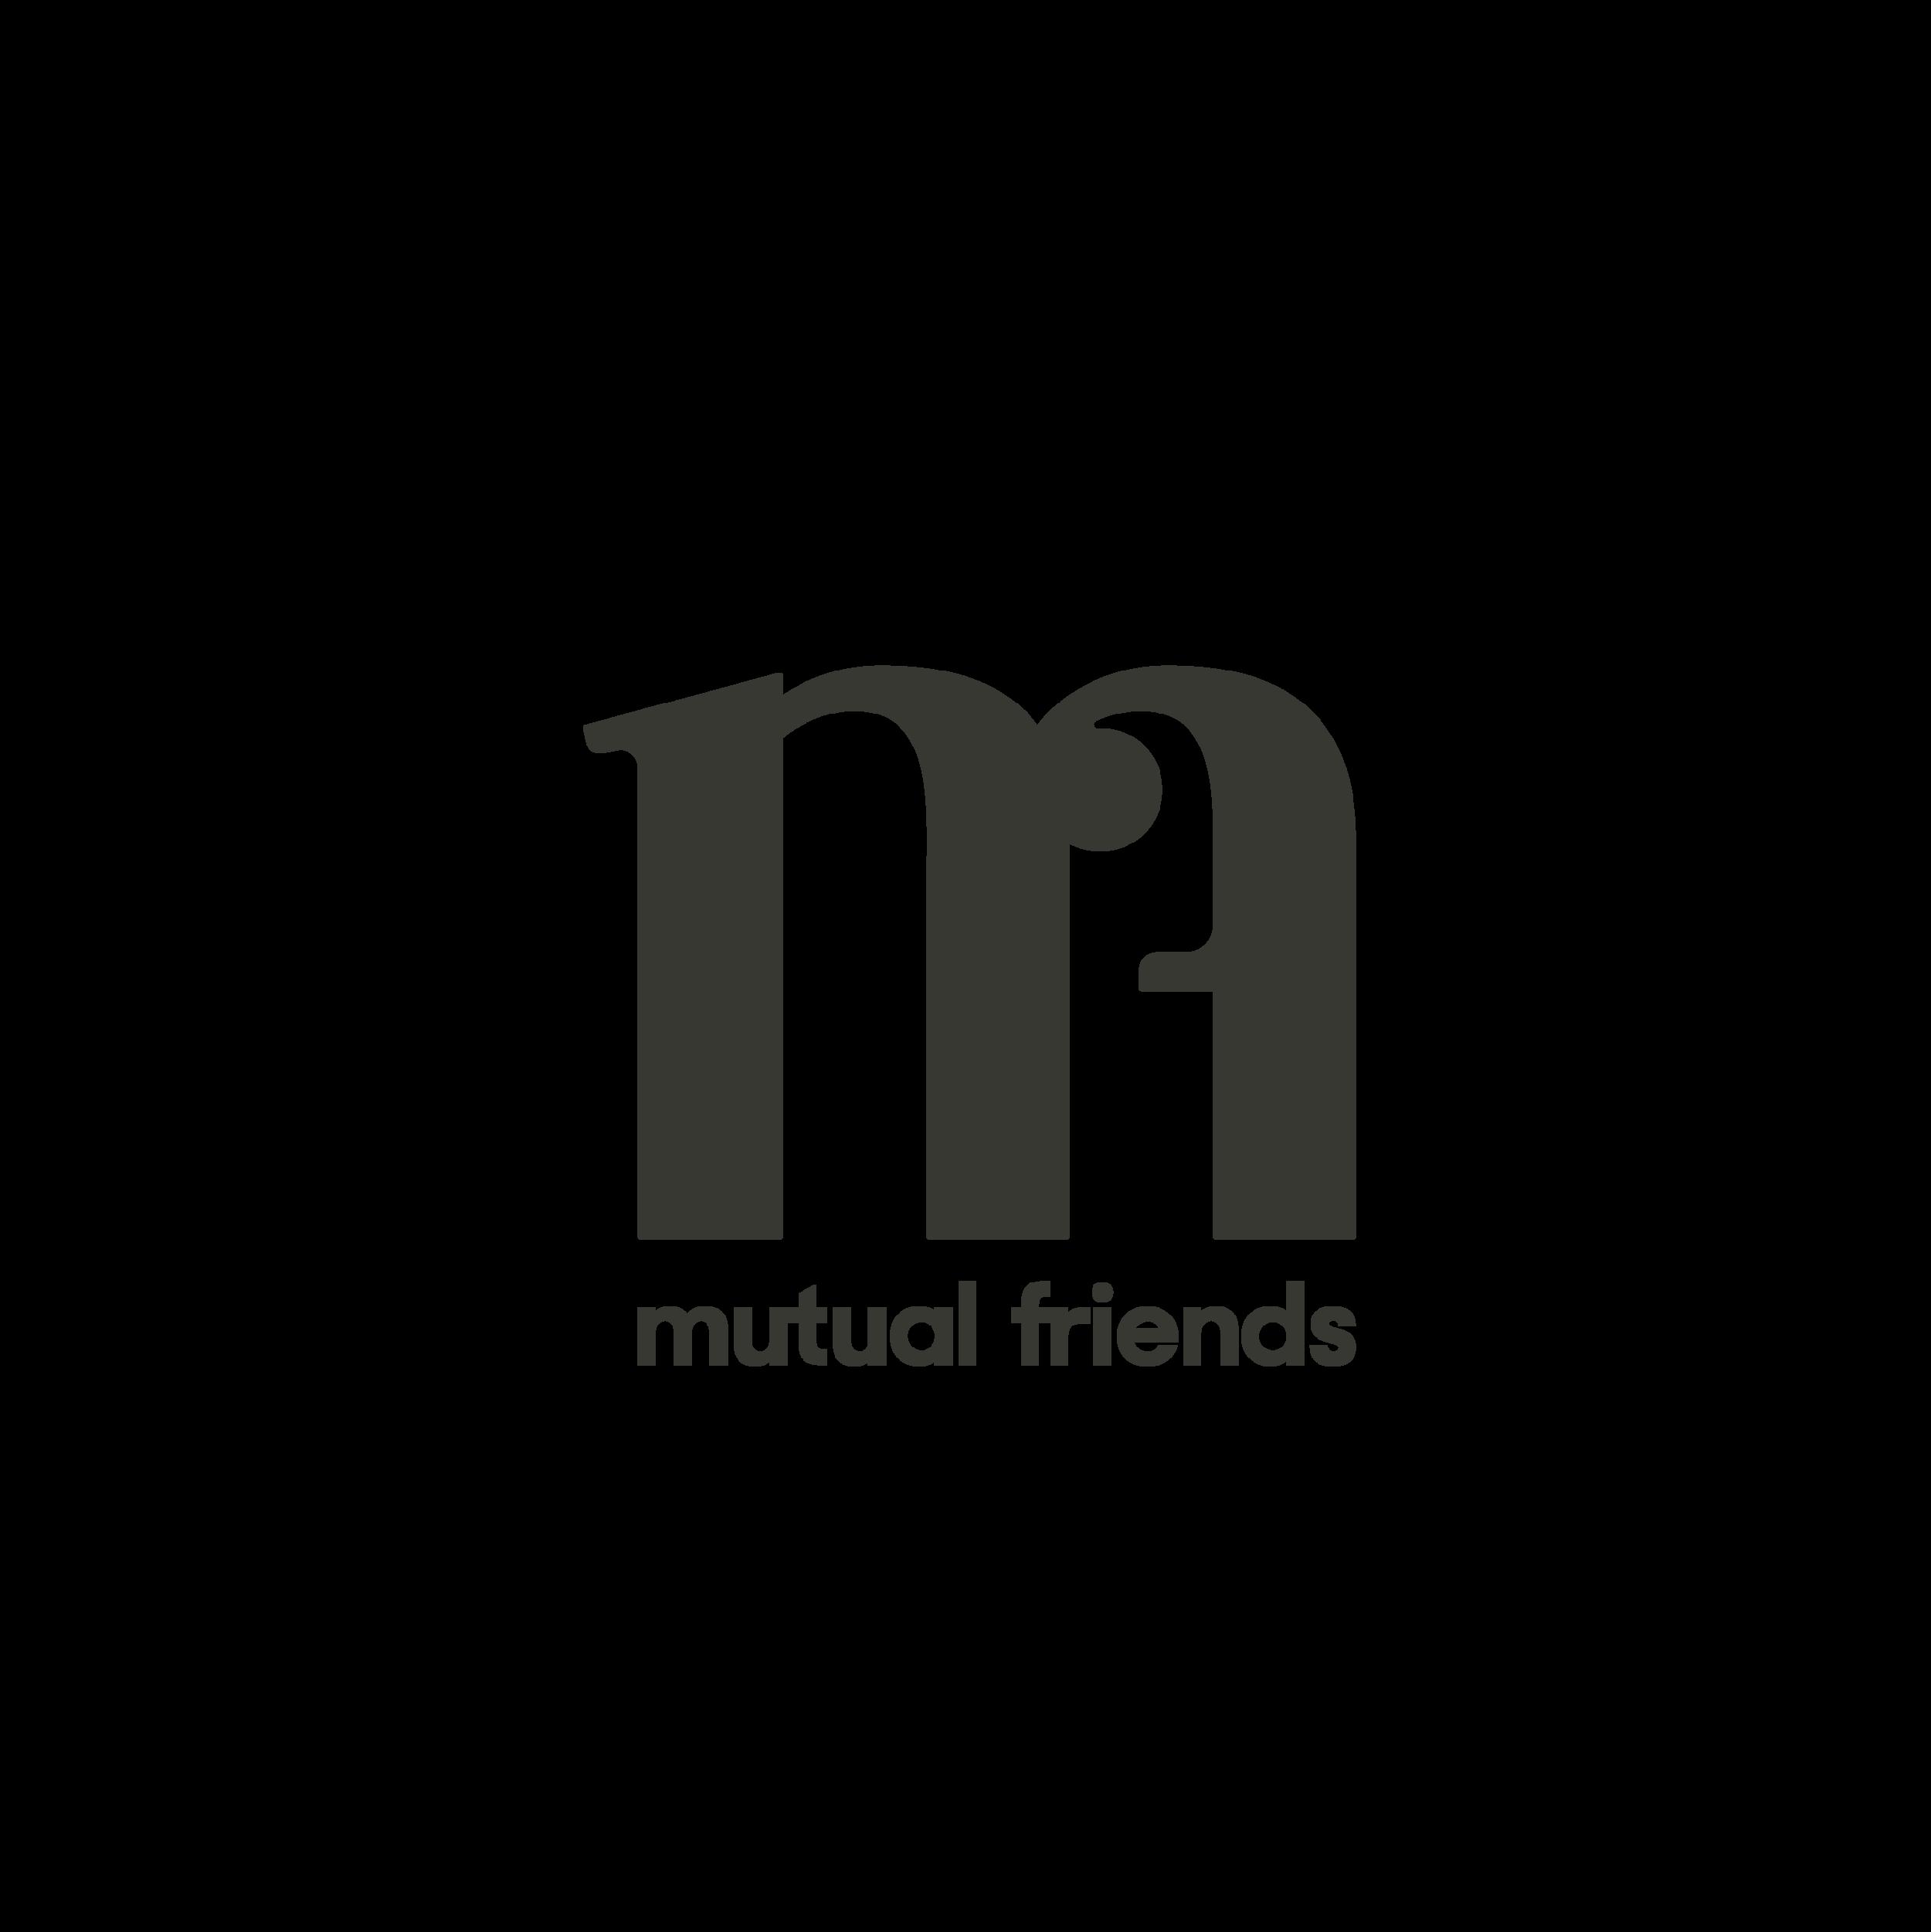 Mutual Friends 2x.png